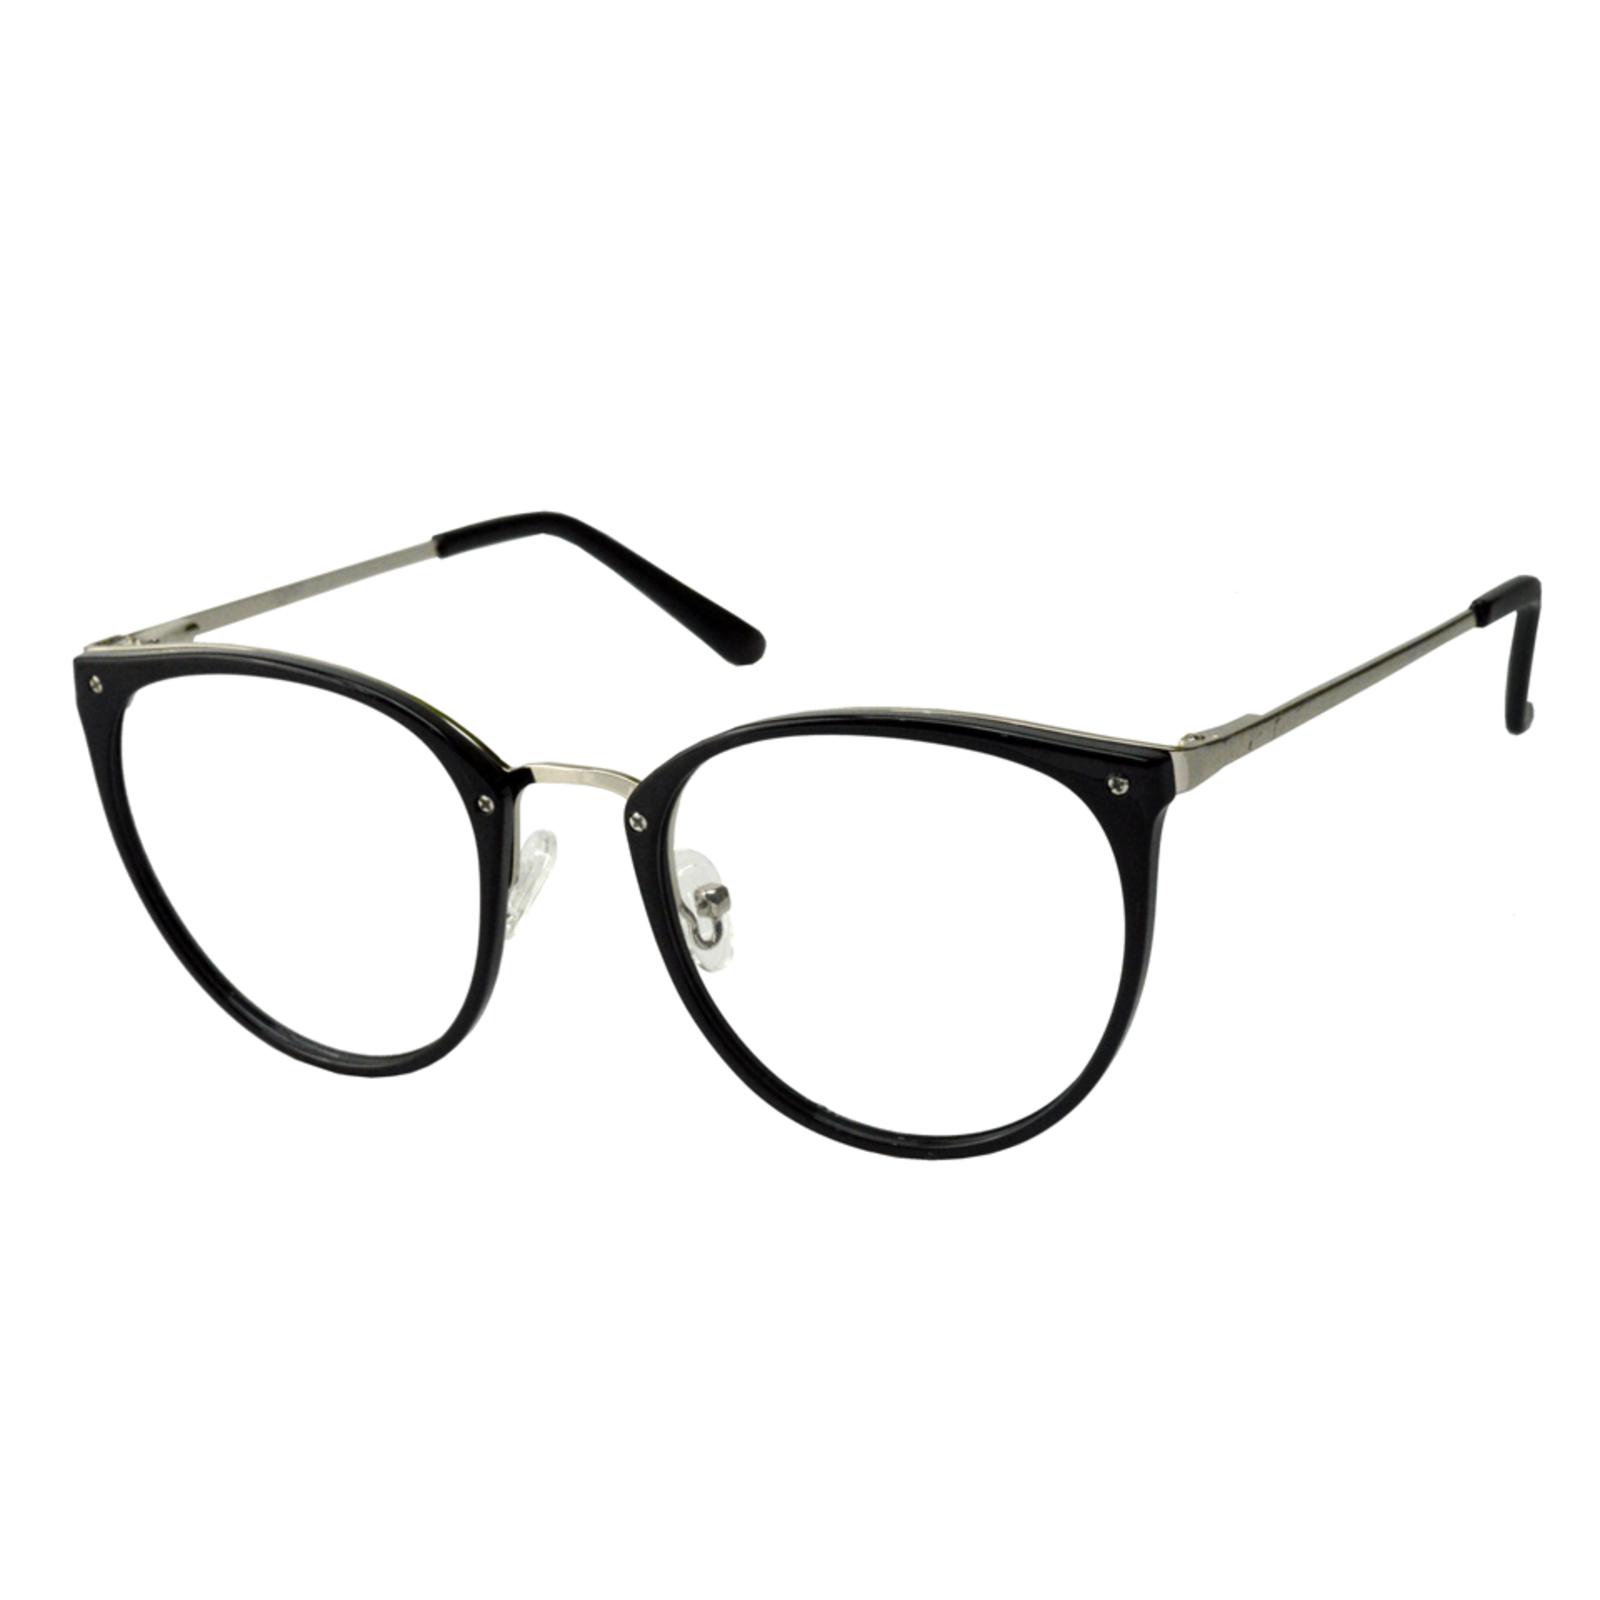 Armacao Oculos De Grau Geek Redondo Isabela Dias 9097 Com Imagens